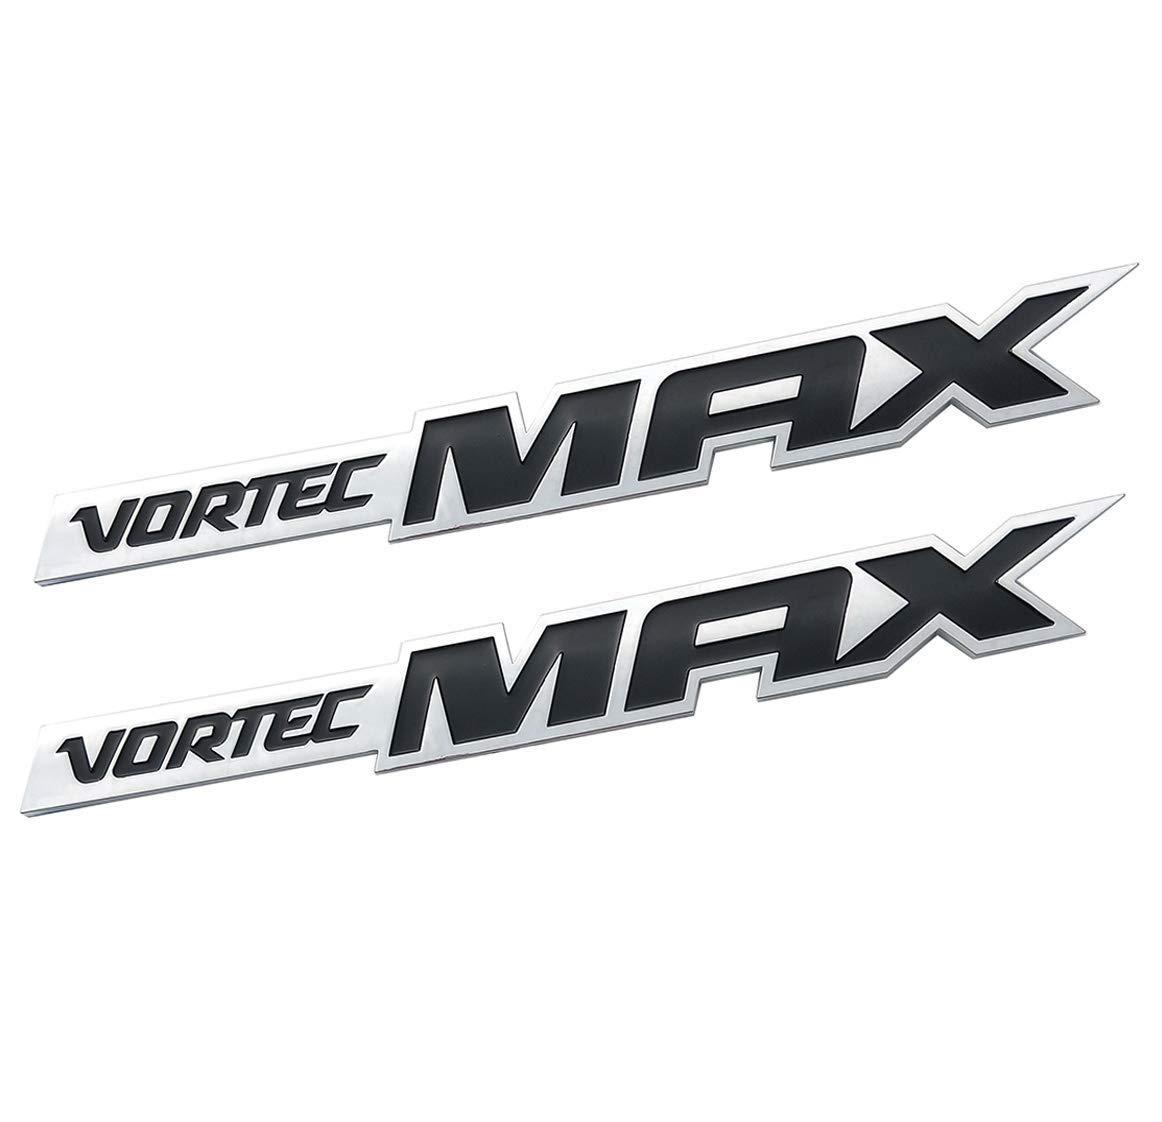 2Pcs 3D Door Emblem Badge ABS VORTEC MAX Fits Silverado Sierra SS 6.0 Black/&Red/&Chrome black